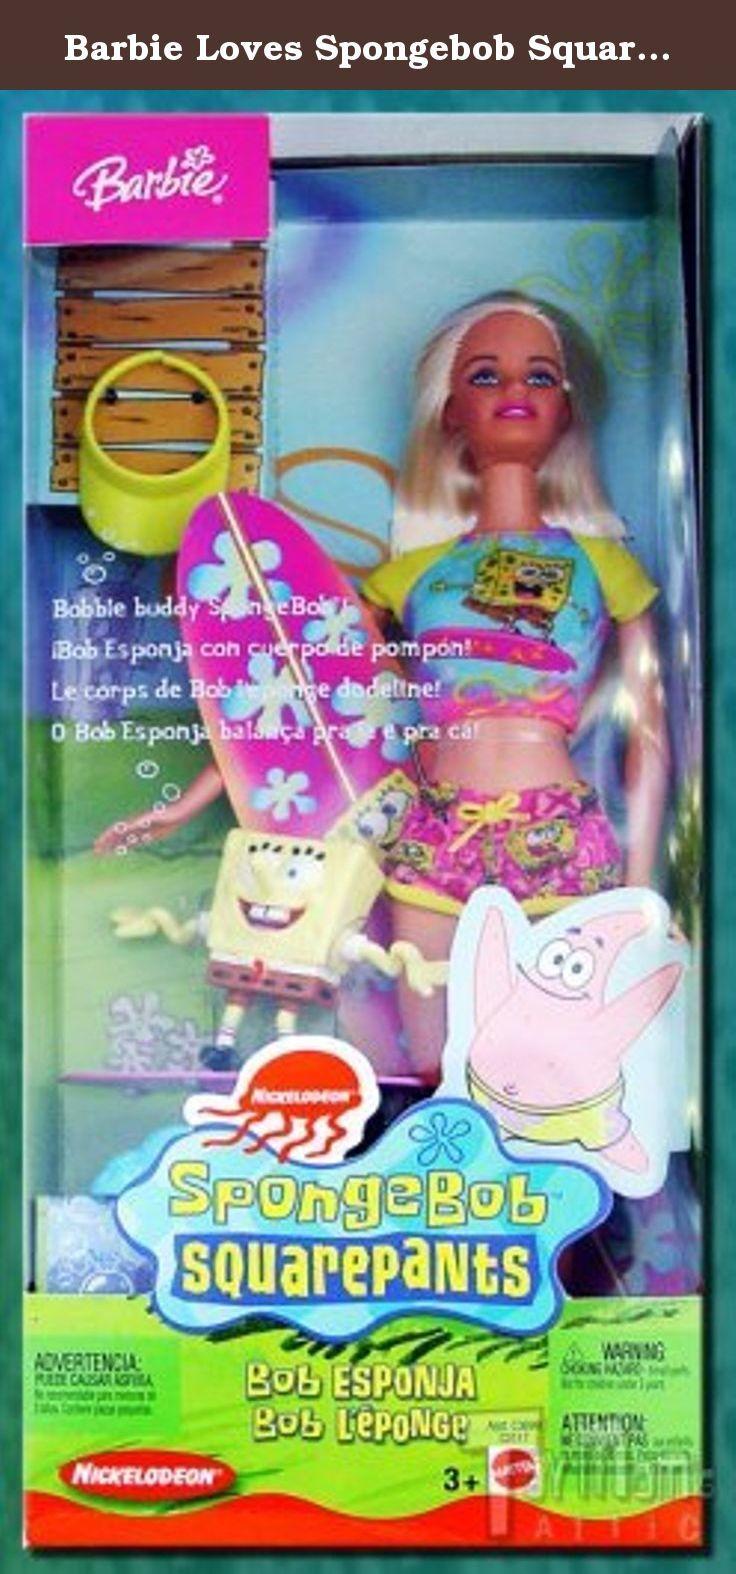 2009 SPONGEBOB SQUAREPANTS by Barbie~Nickelodeon~NRFB